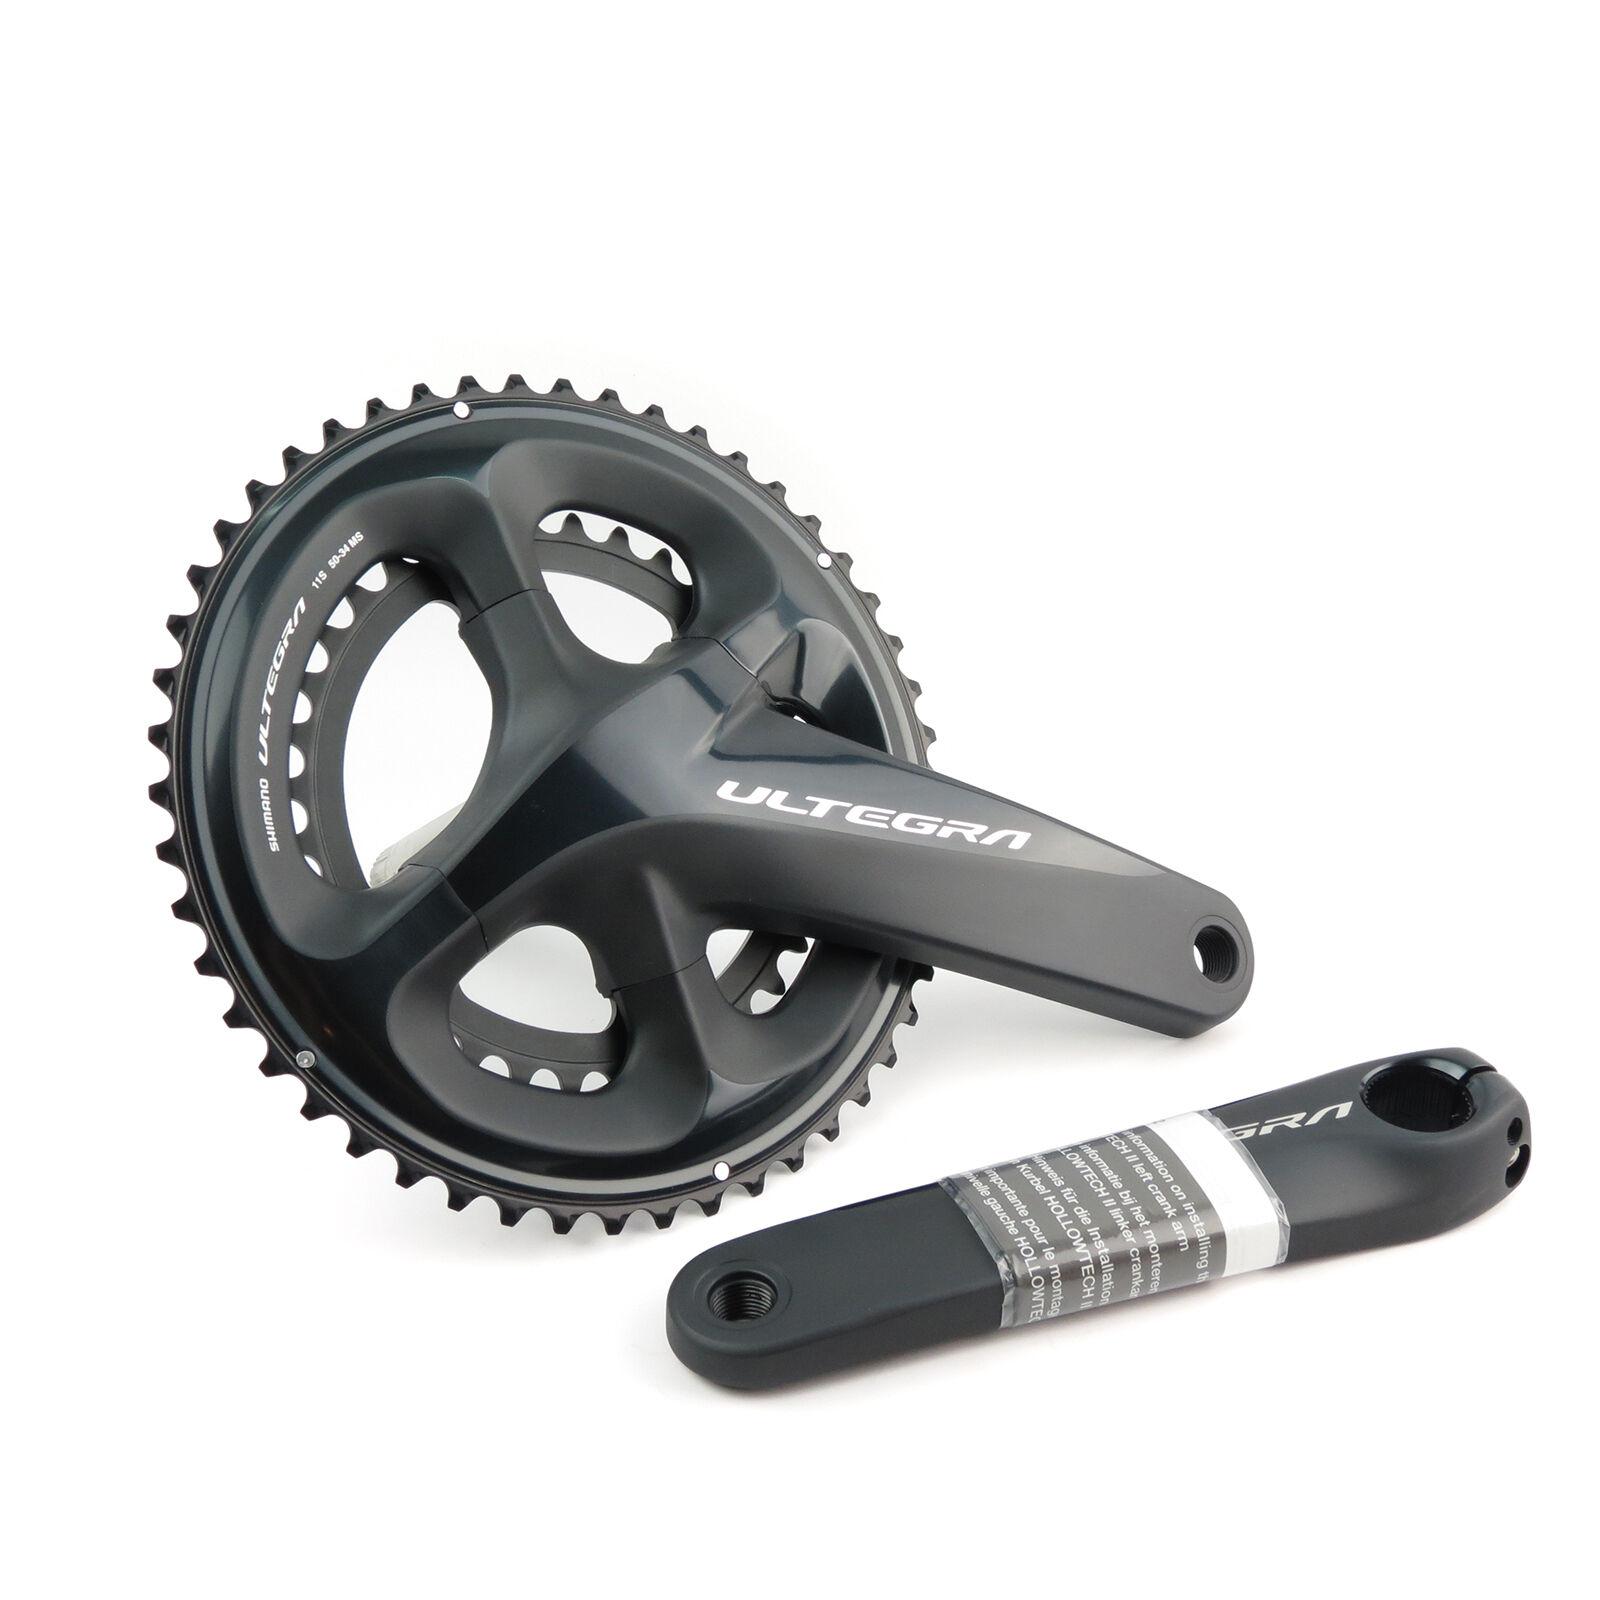 Shiuomoo Ultegra FCR8000 2 x 11 speed 5236T 172.5mm strada TT Bike Crankset OE